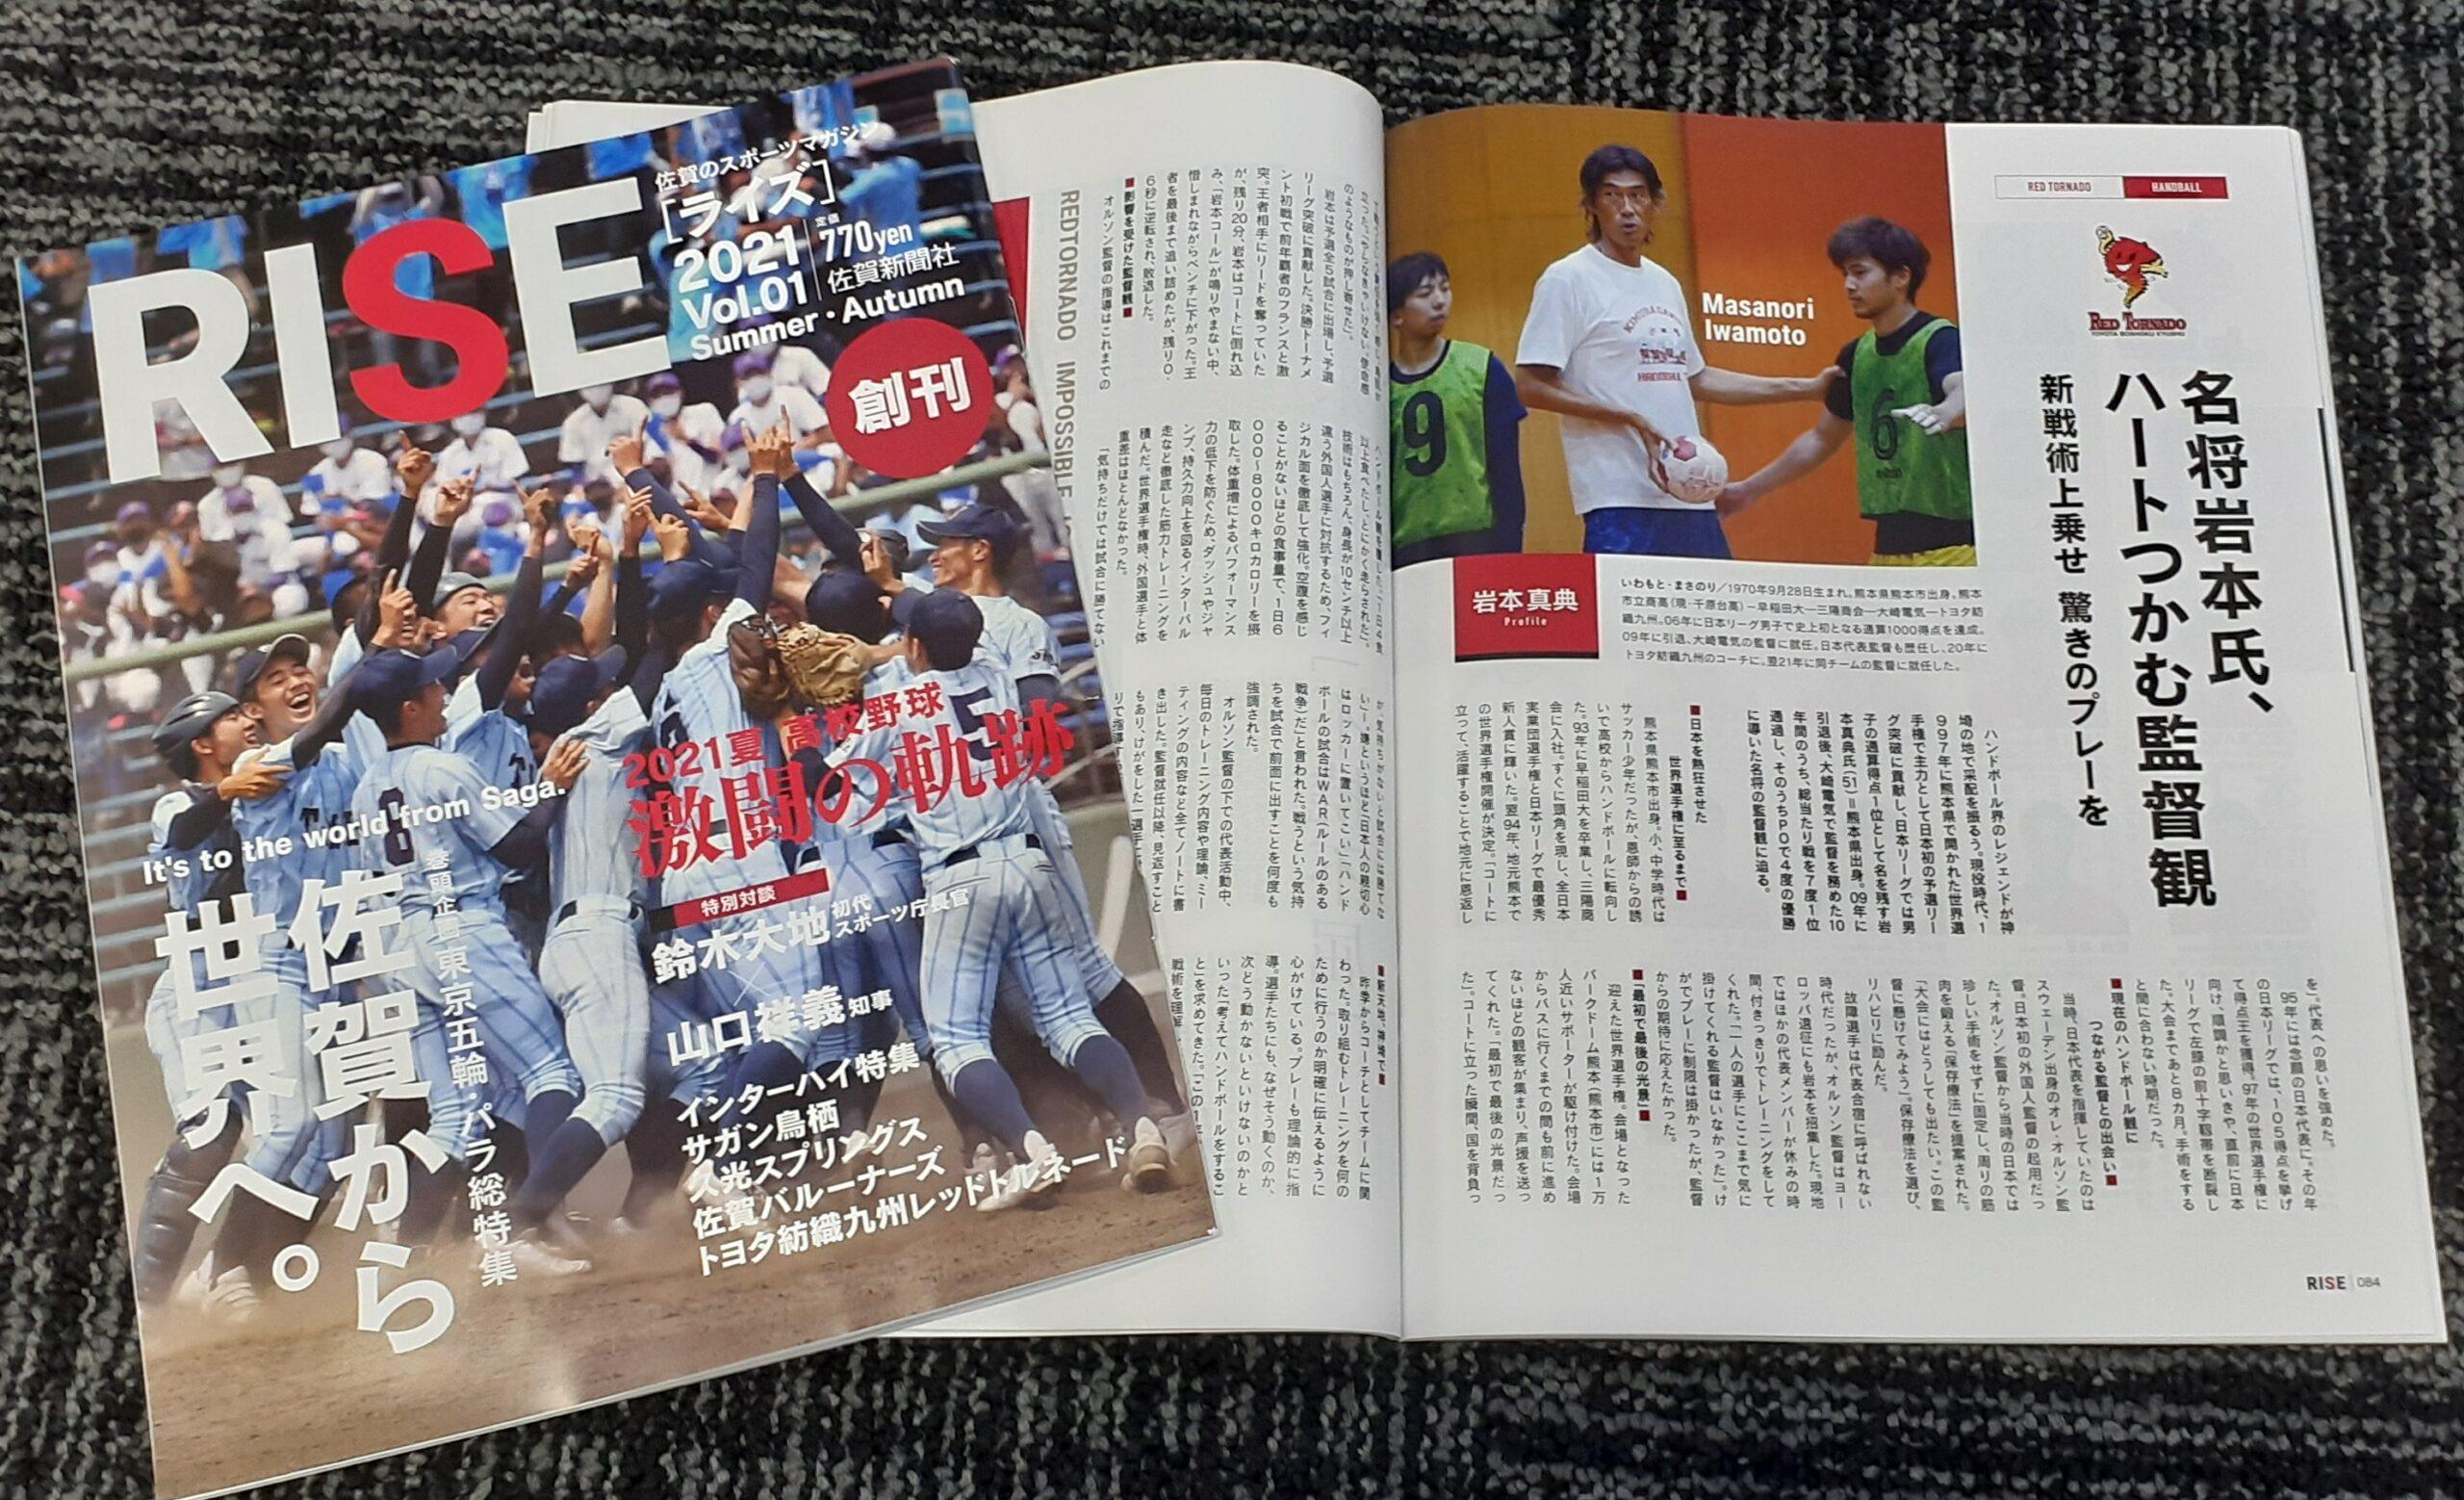 地域密着スポーツマガジン『RISE』創刊!レジェンド岩本監督の「語録」が刺さります